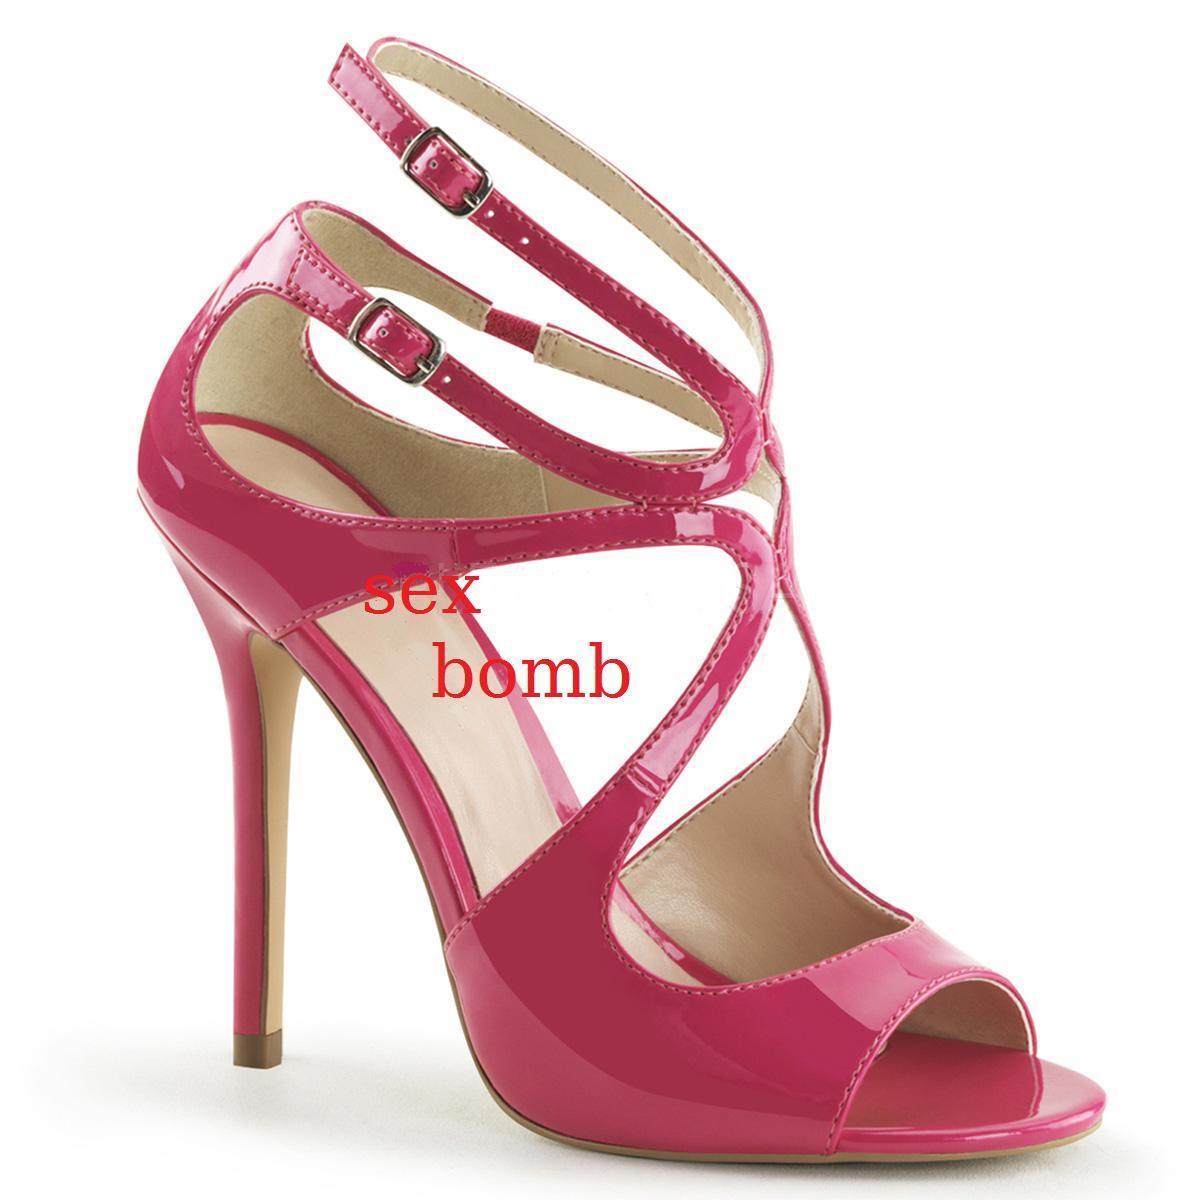 Sexy SANDALI ROSA ACCESO tacco 13 dal 35 al 44 doppio cinturino scarpe GLAMOUR